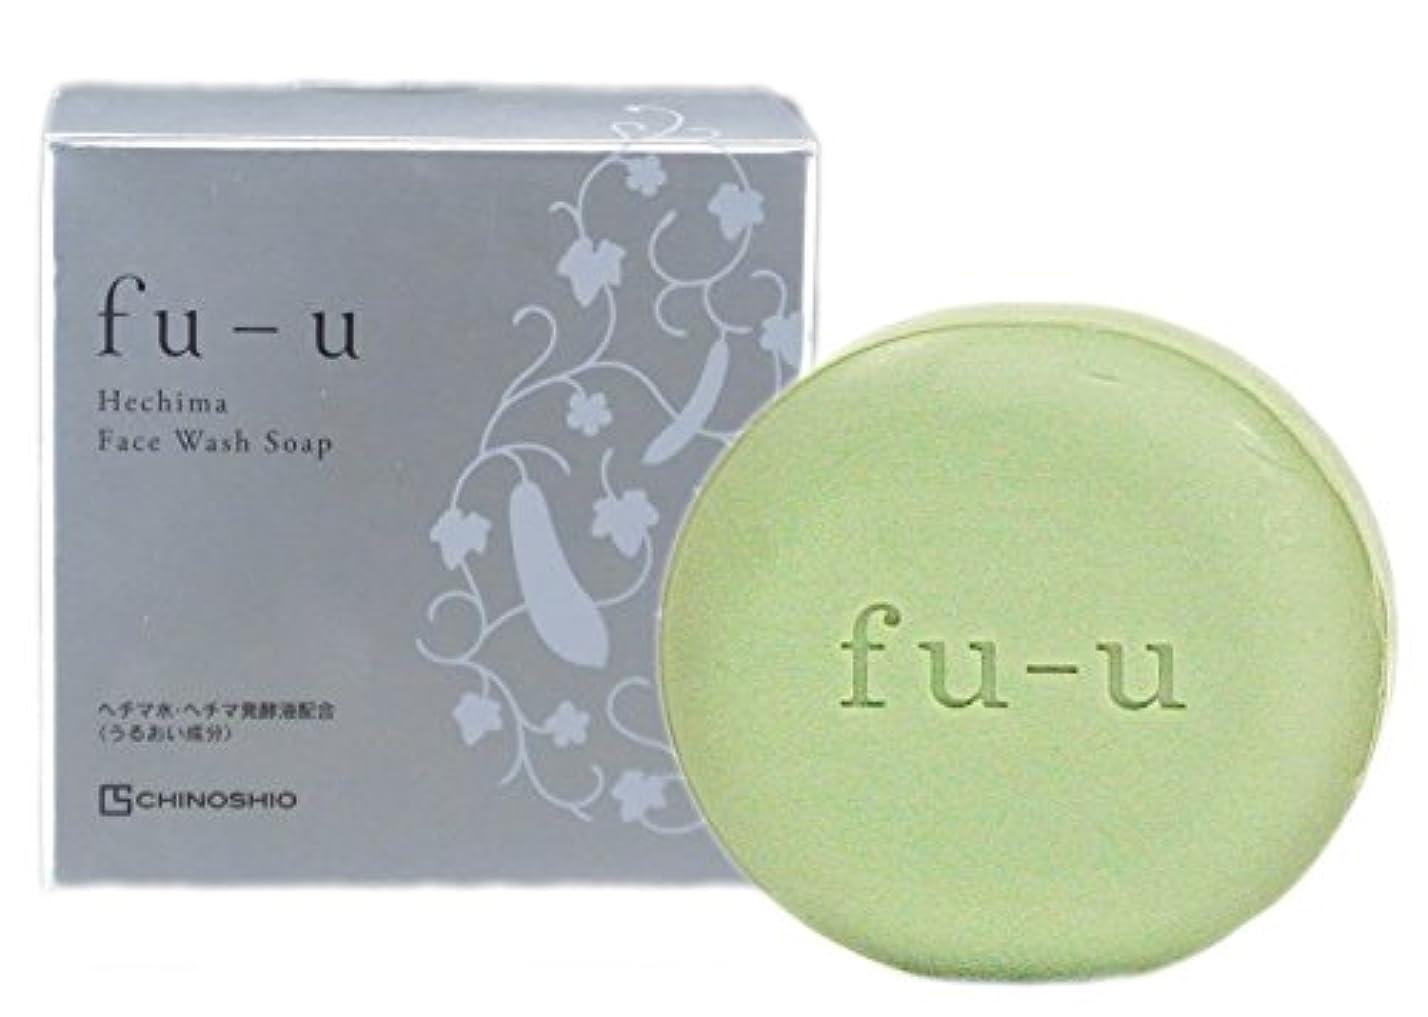 分泌するチーズマニアックfu-u(フゥーゥ) 洗顔石けん